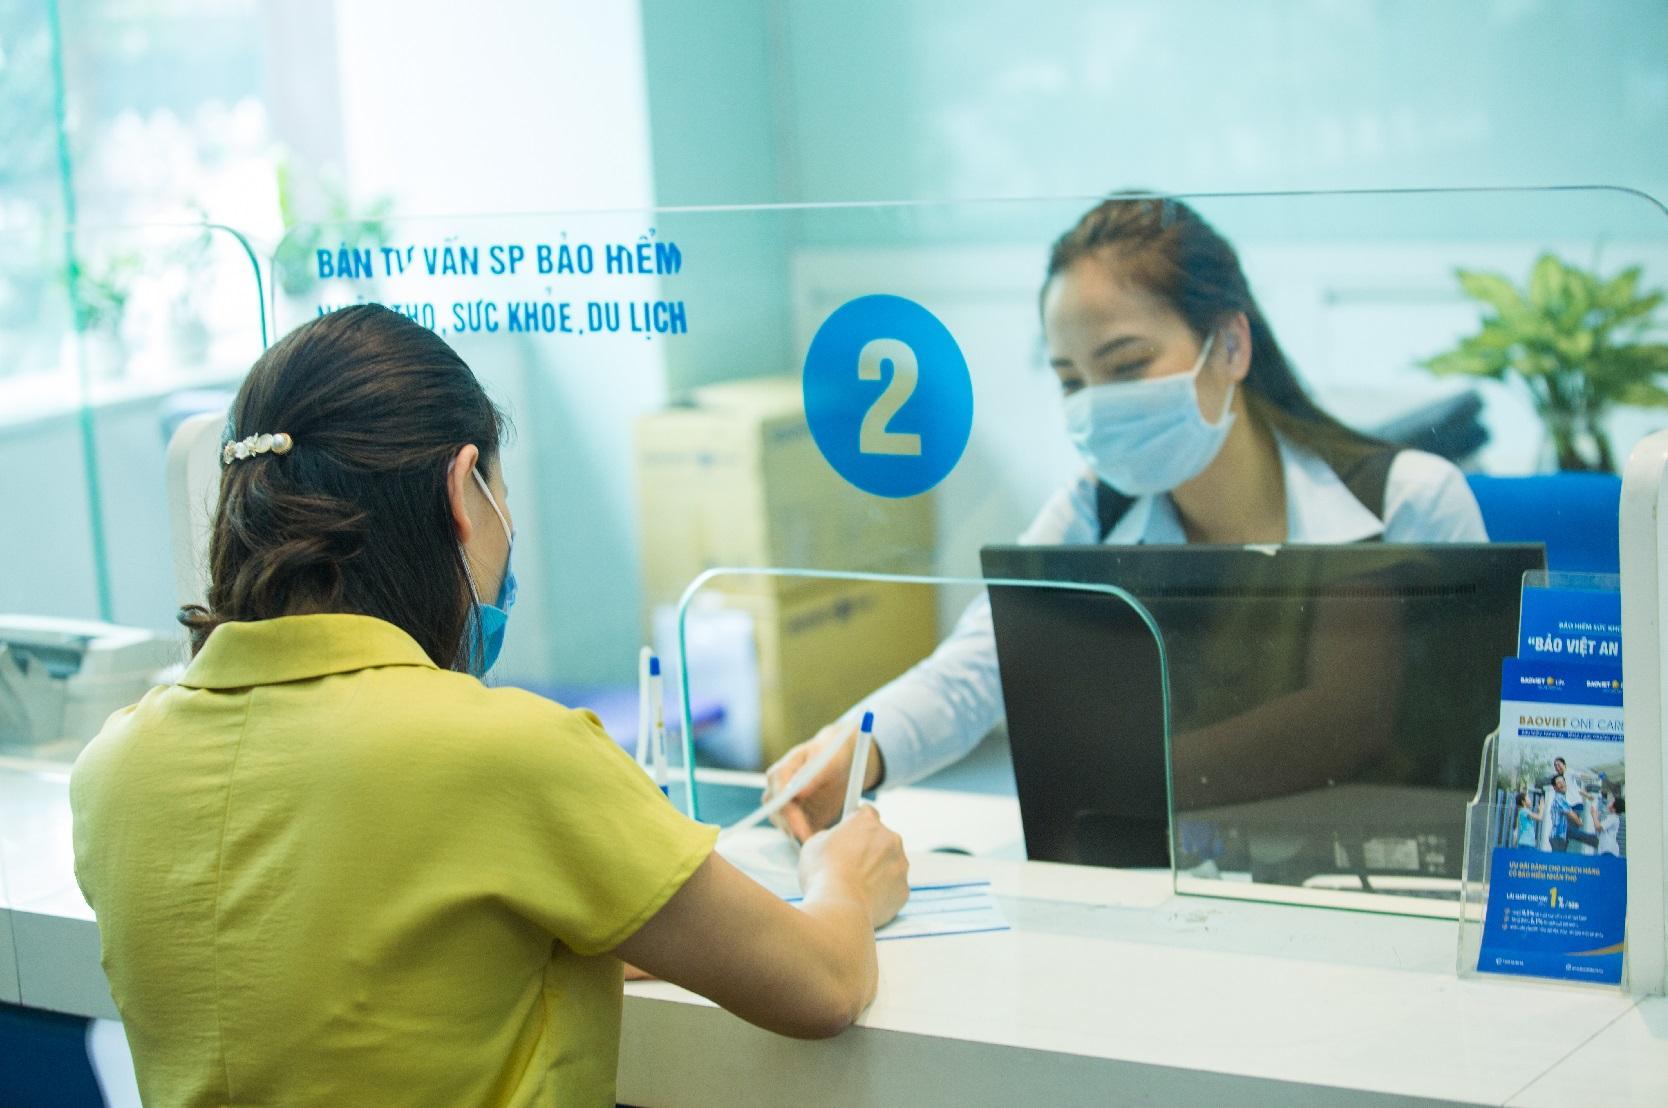 Tập đoàn Bảo Việt: Lợi nhuận sau thuế hợp nhất quý 1 đạt 499 tỷ đồng, tăng gấp gần 4 lần cùng kỳ